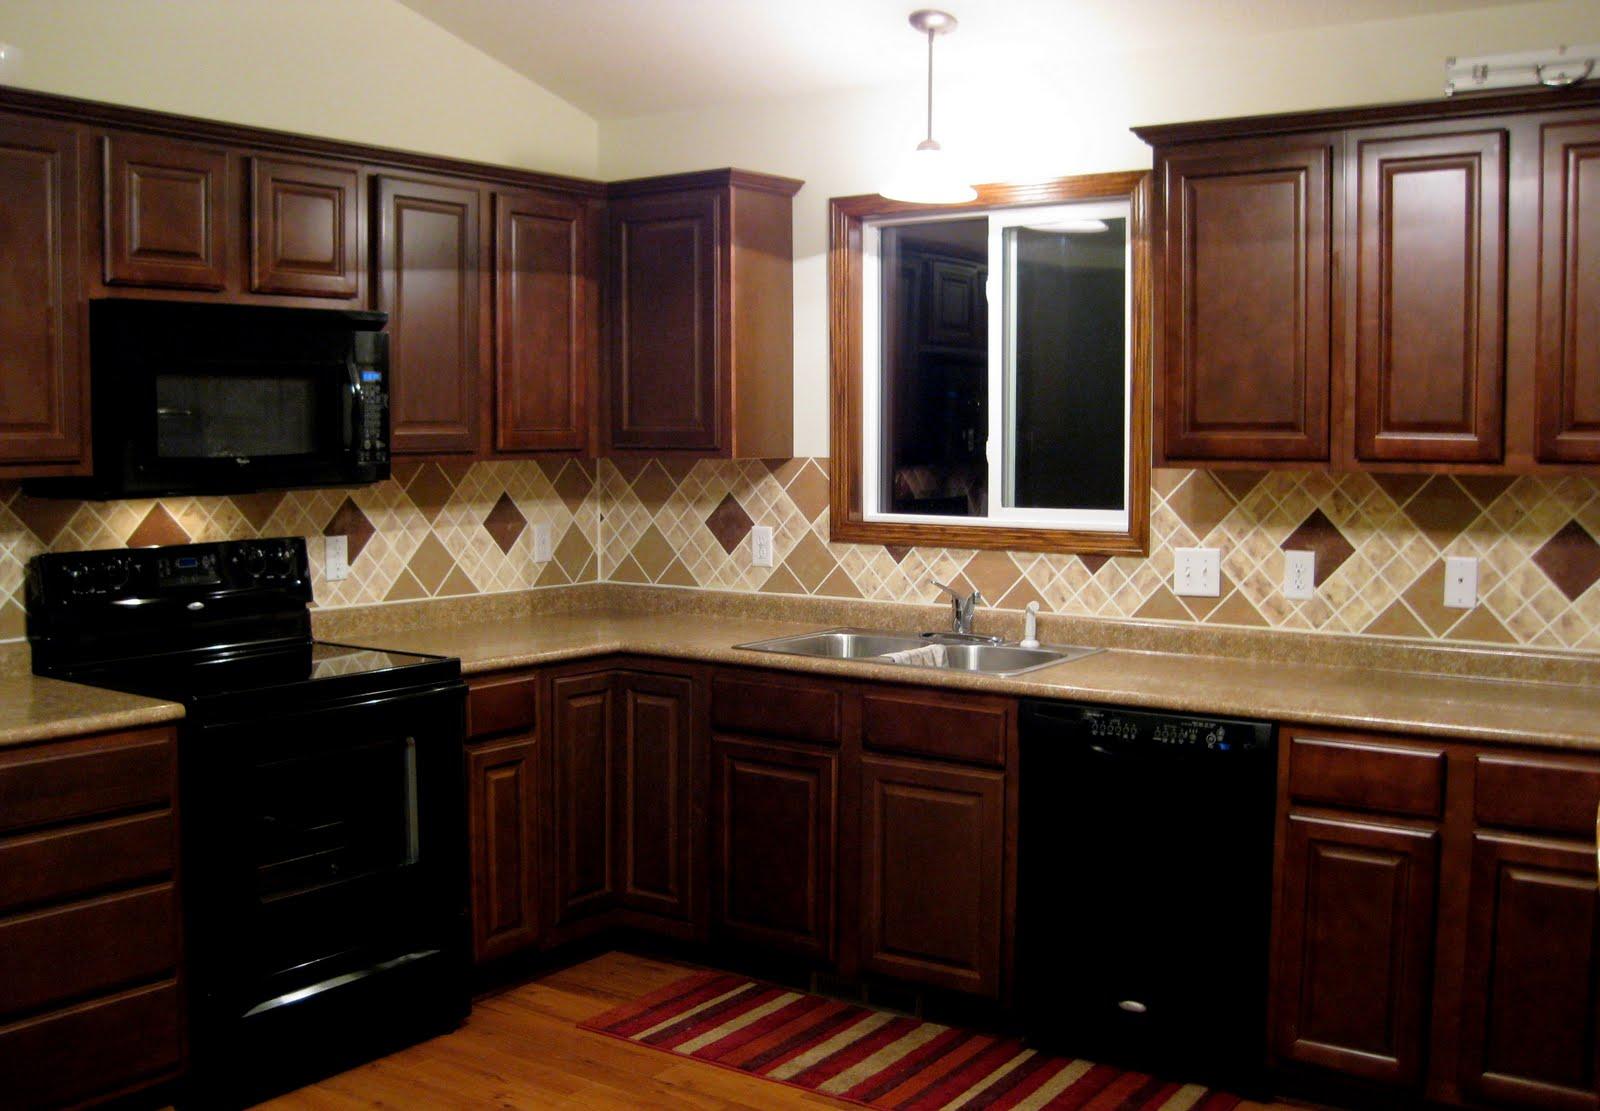 kitchen backsplash designs with dark cabinets